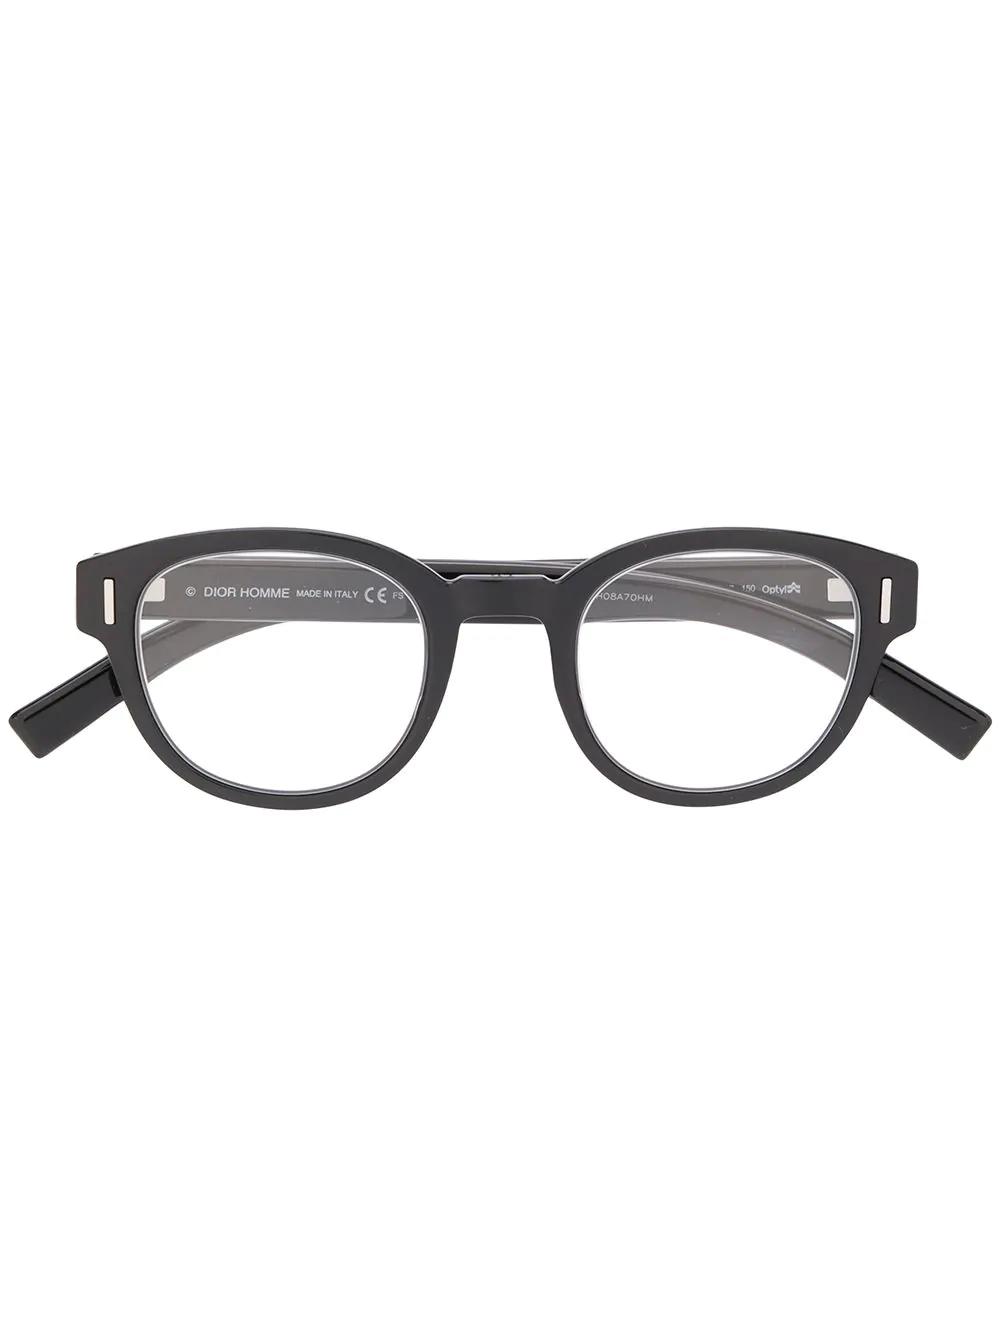 fe937374e9 Dior Eyewear Fraction 03 Glasses - Black